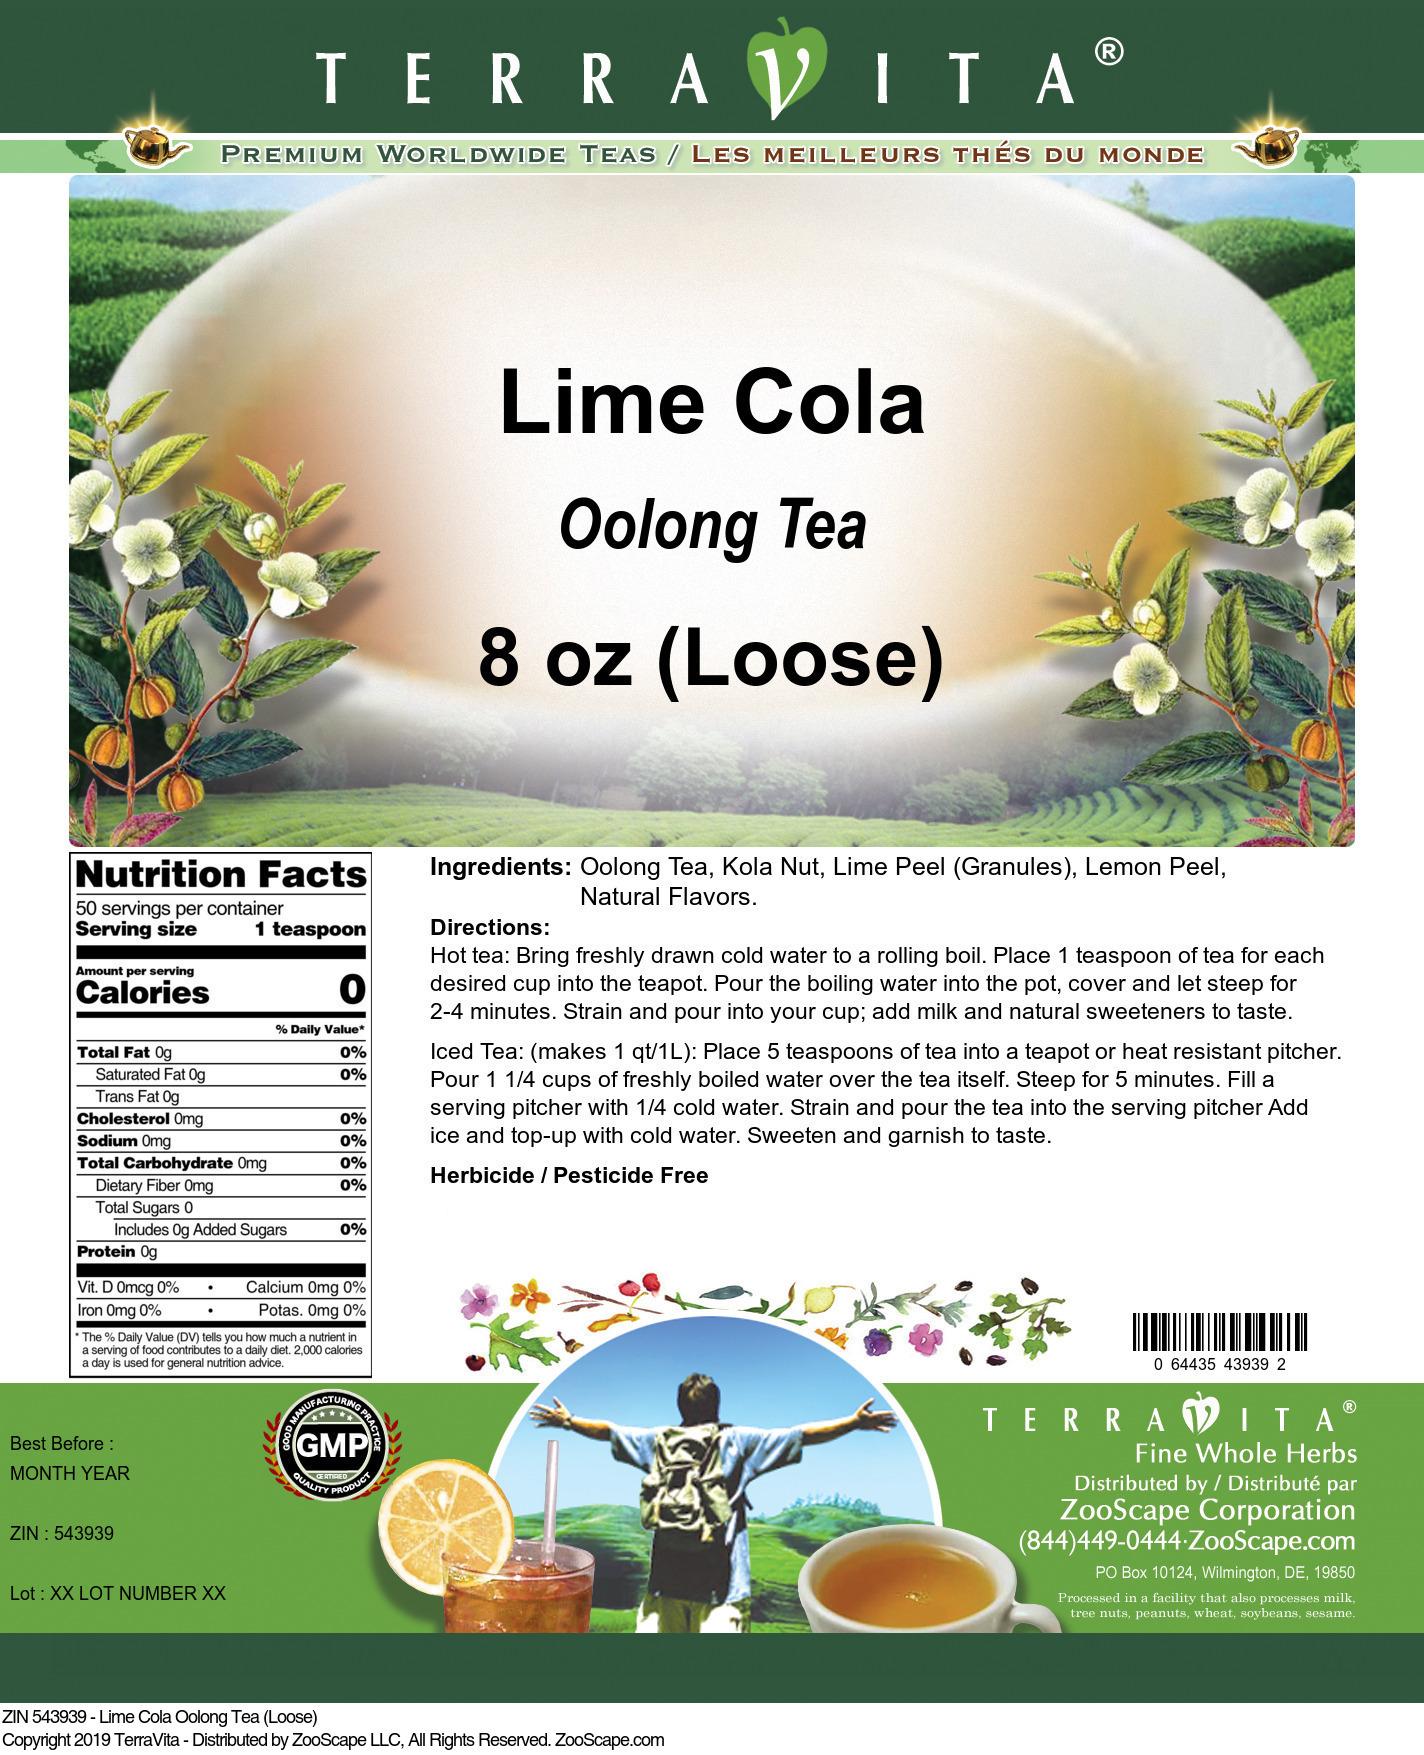 Lime Cola Oolong Tea (Loose)